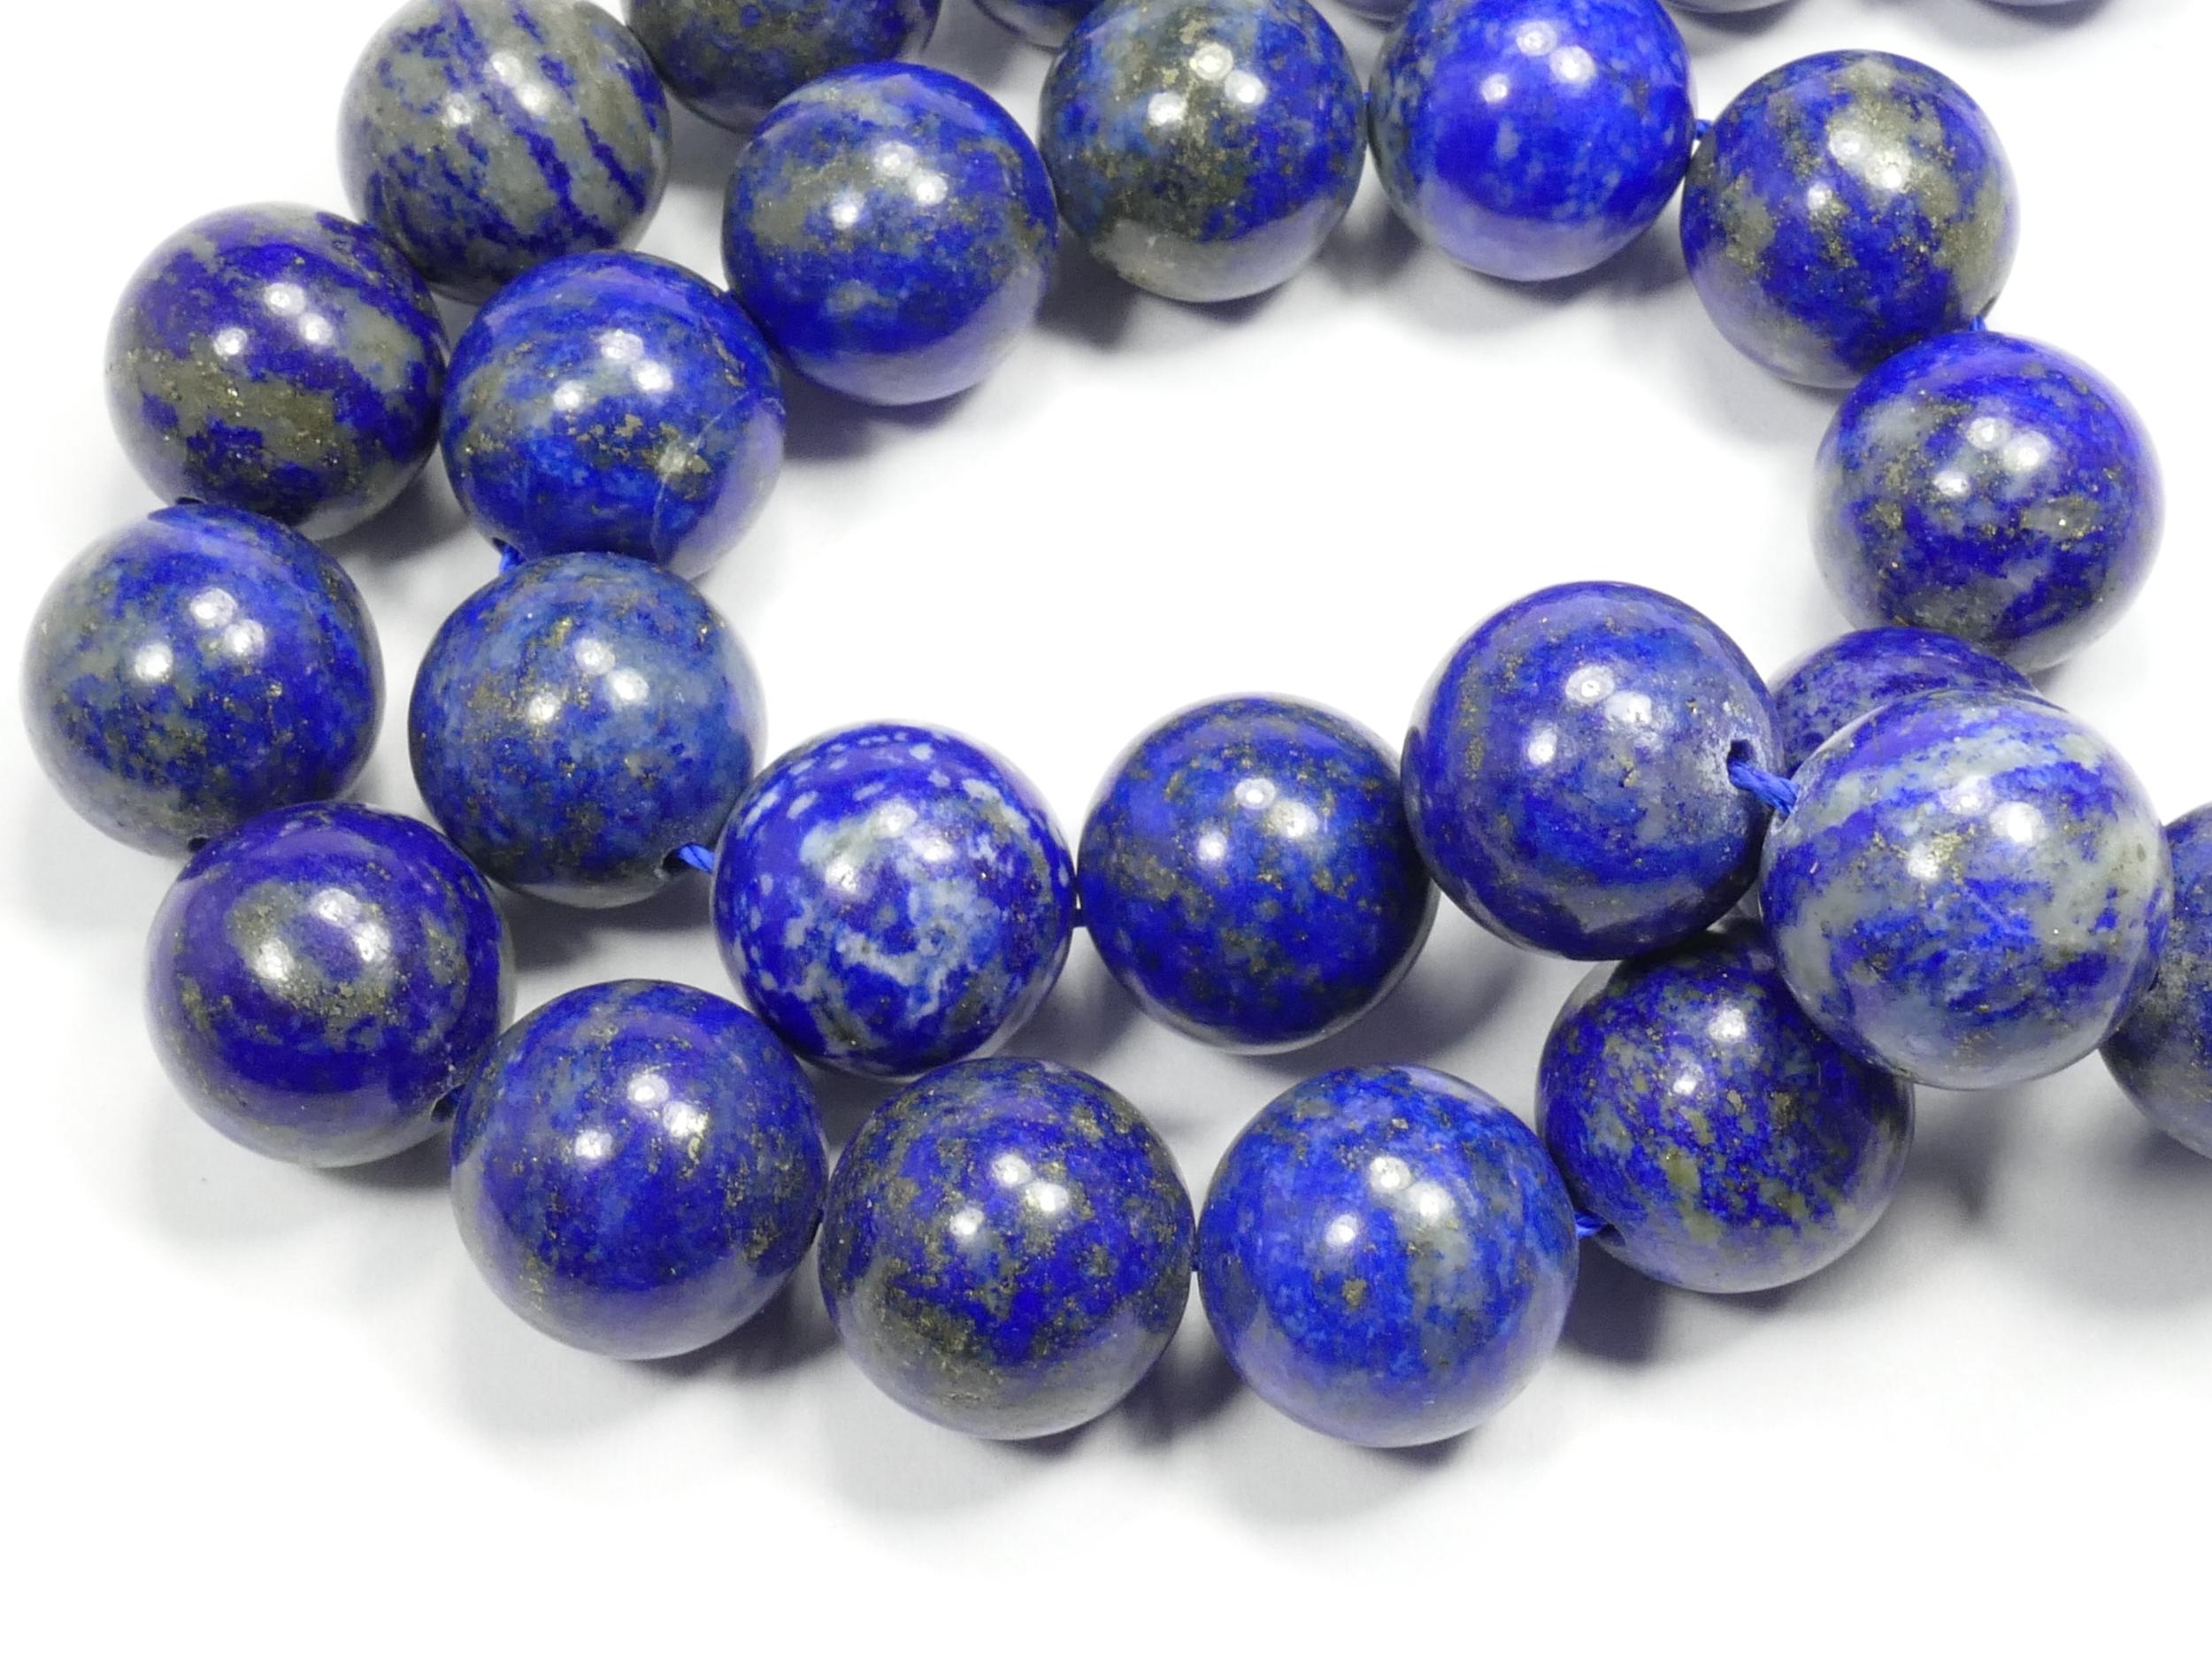 14mm Perles Lapis lazuli entièrement naturel en boule ronde lisse d\'Afghanistan x8 perles (#AC616)